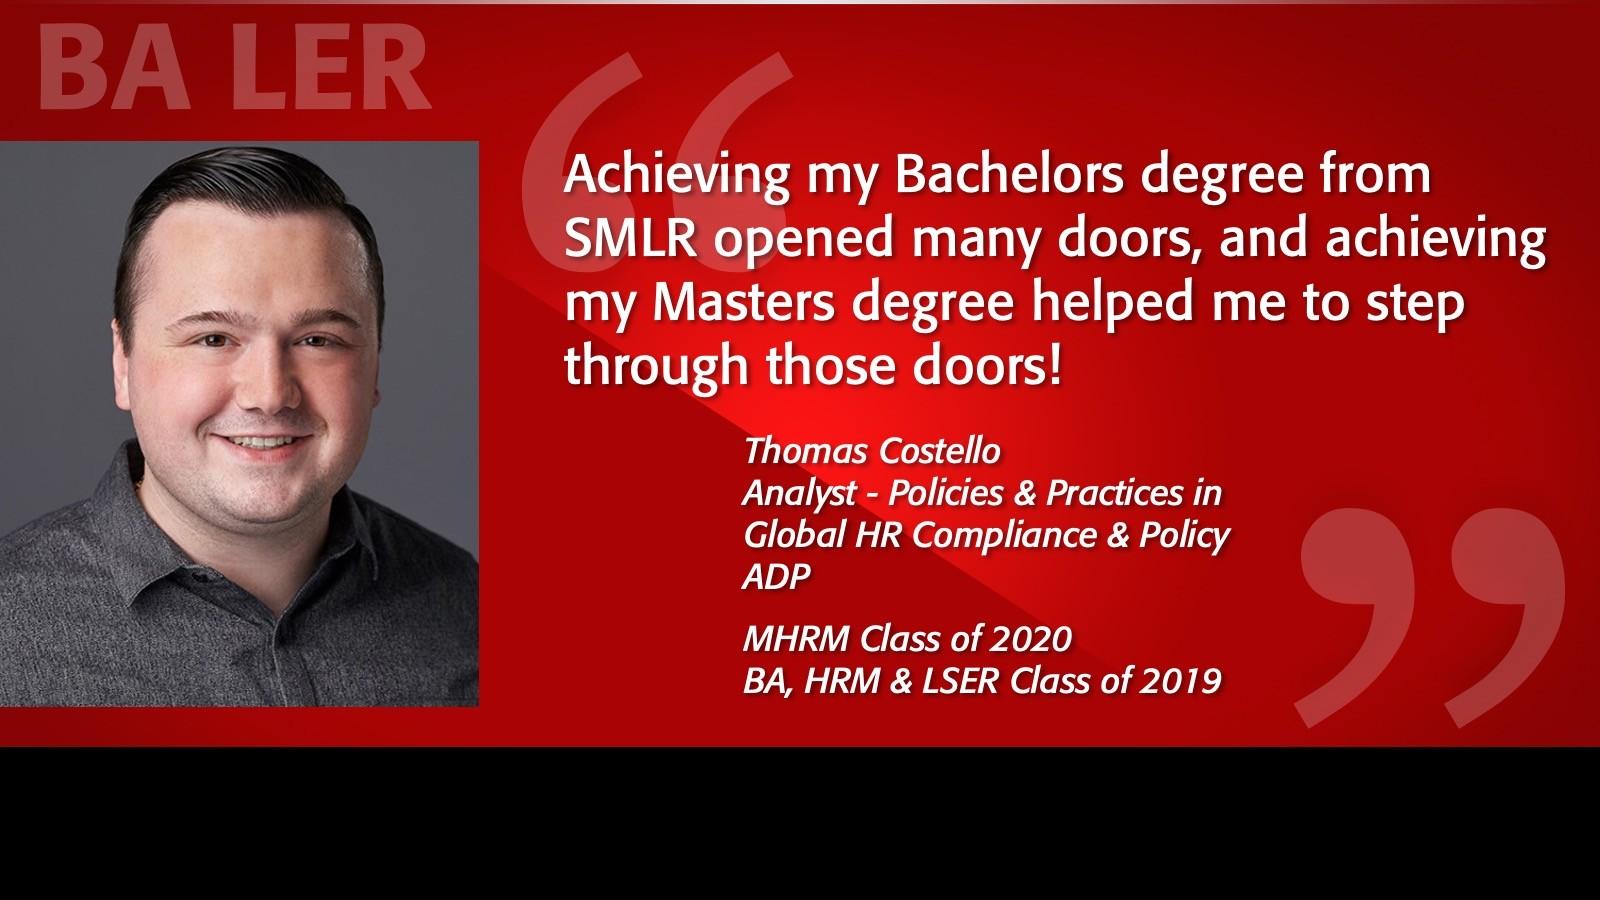 Tom Costello Alumni Testimonial